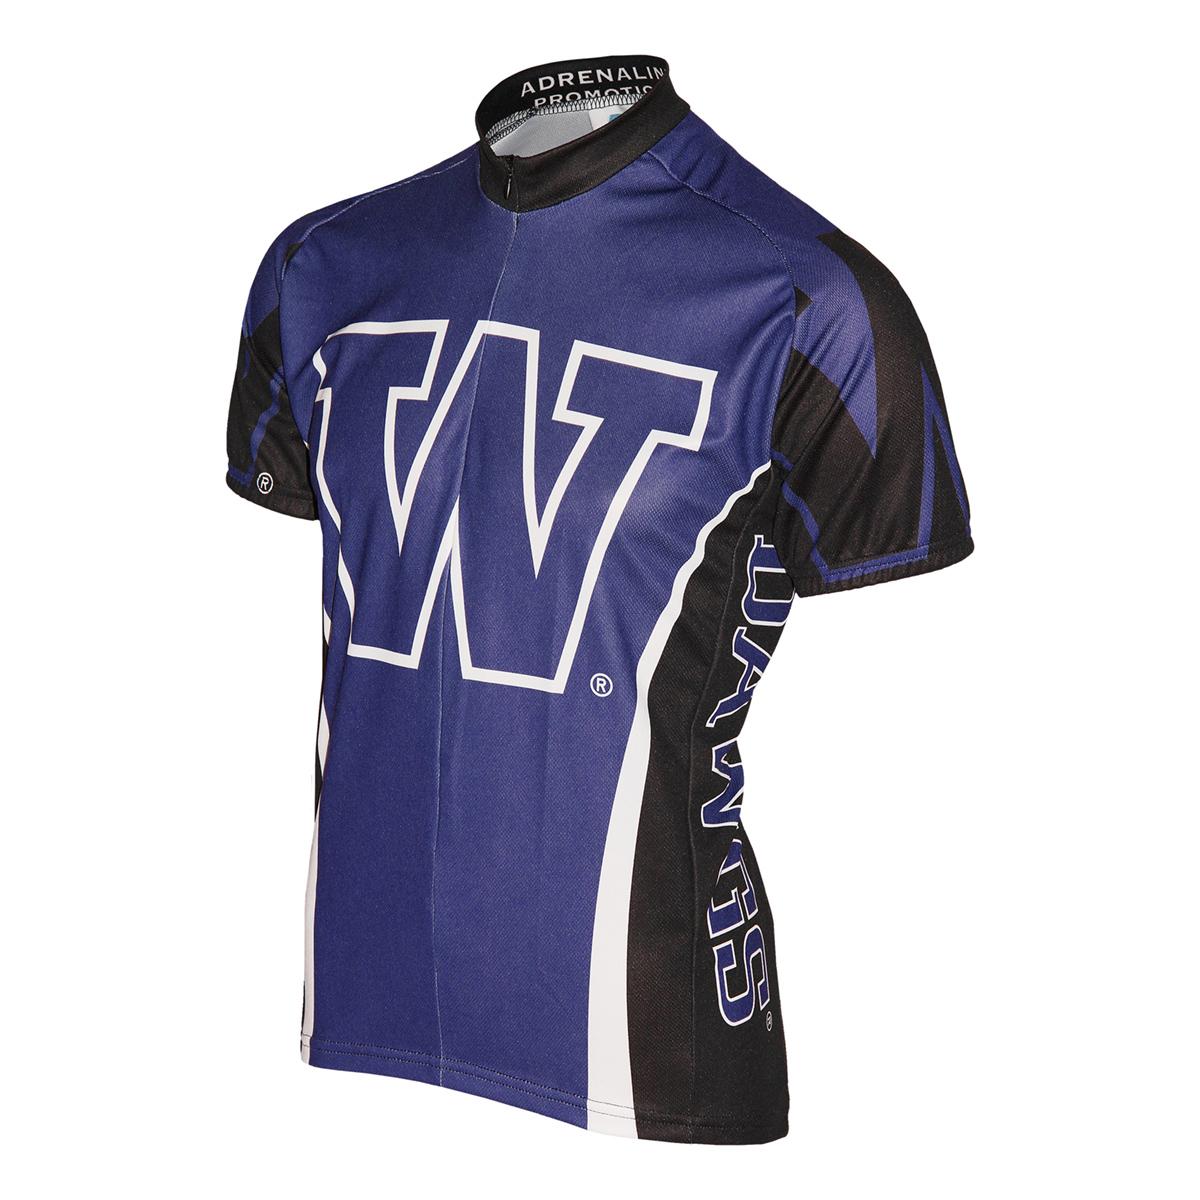 Adrenaline Promotions University of Washington Dawgs Cycling Jersey